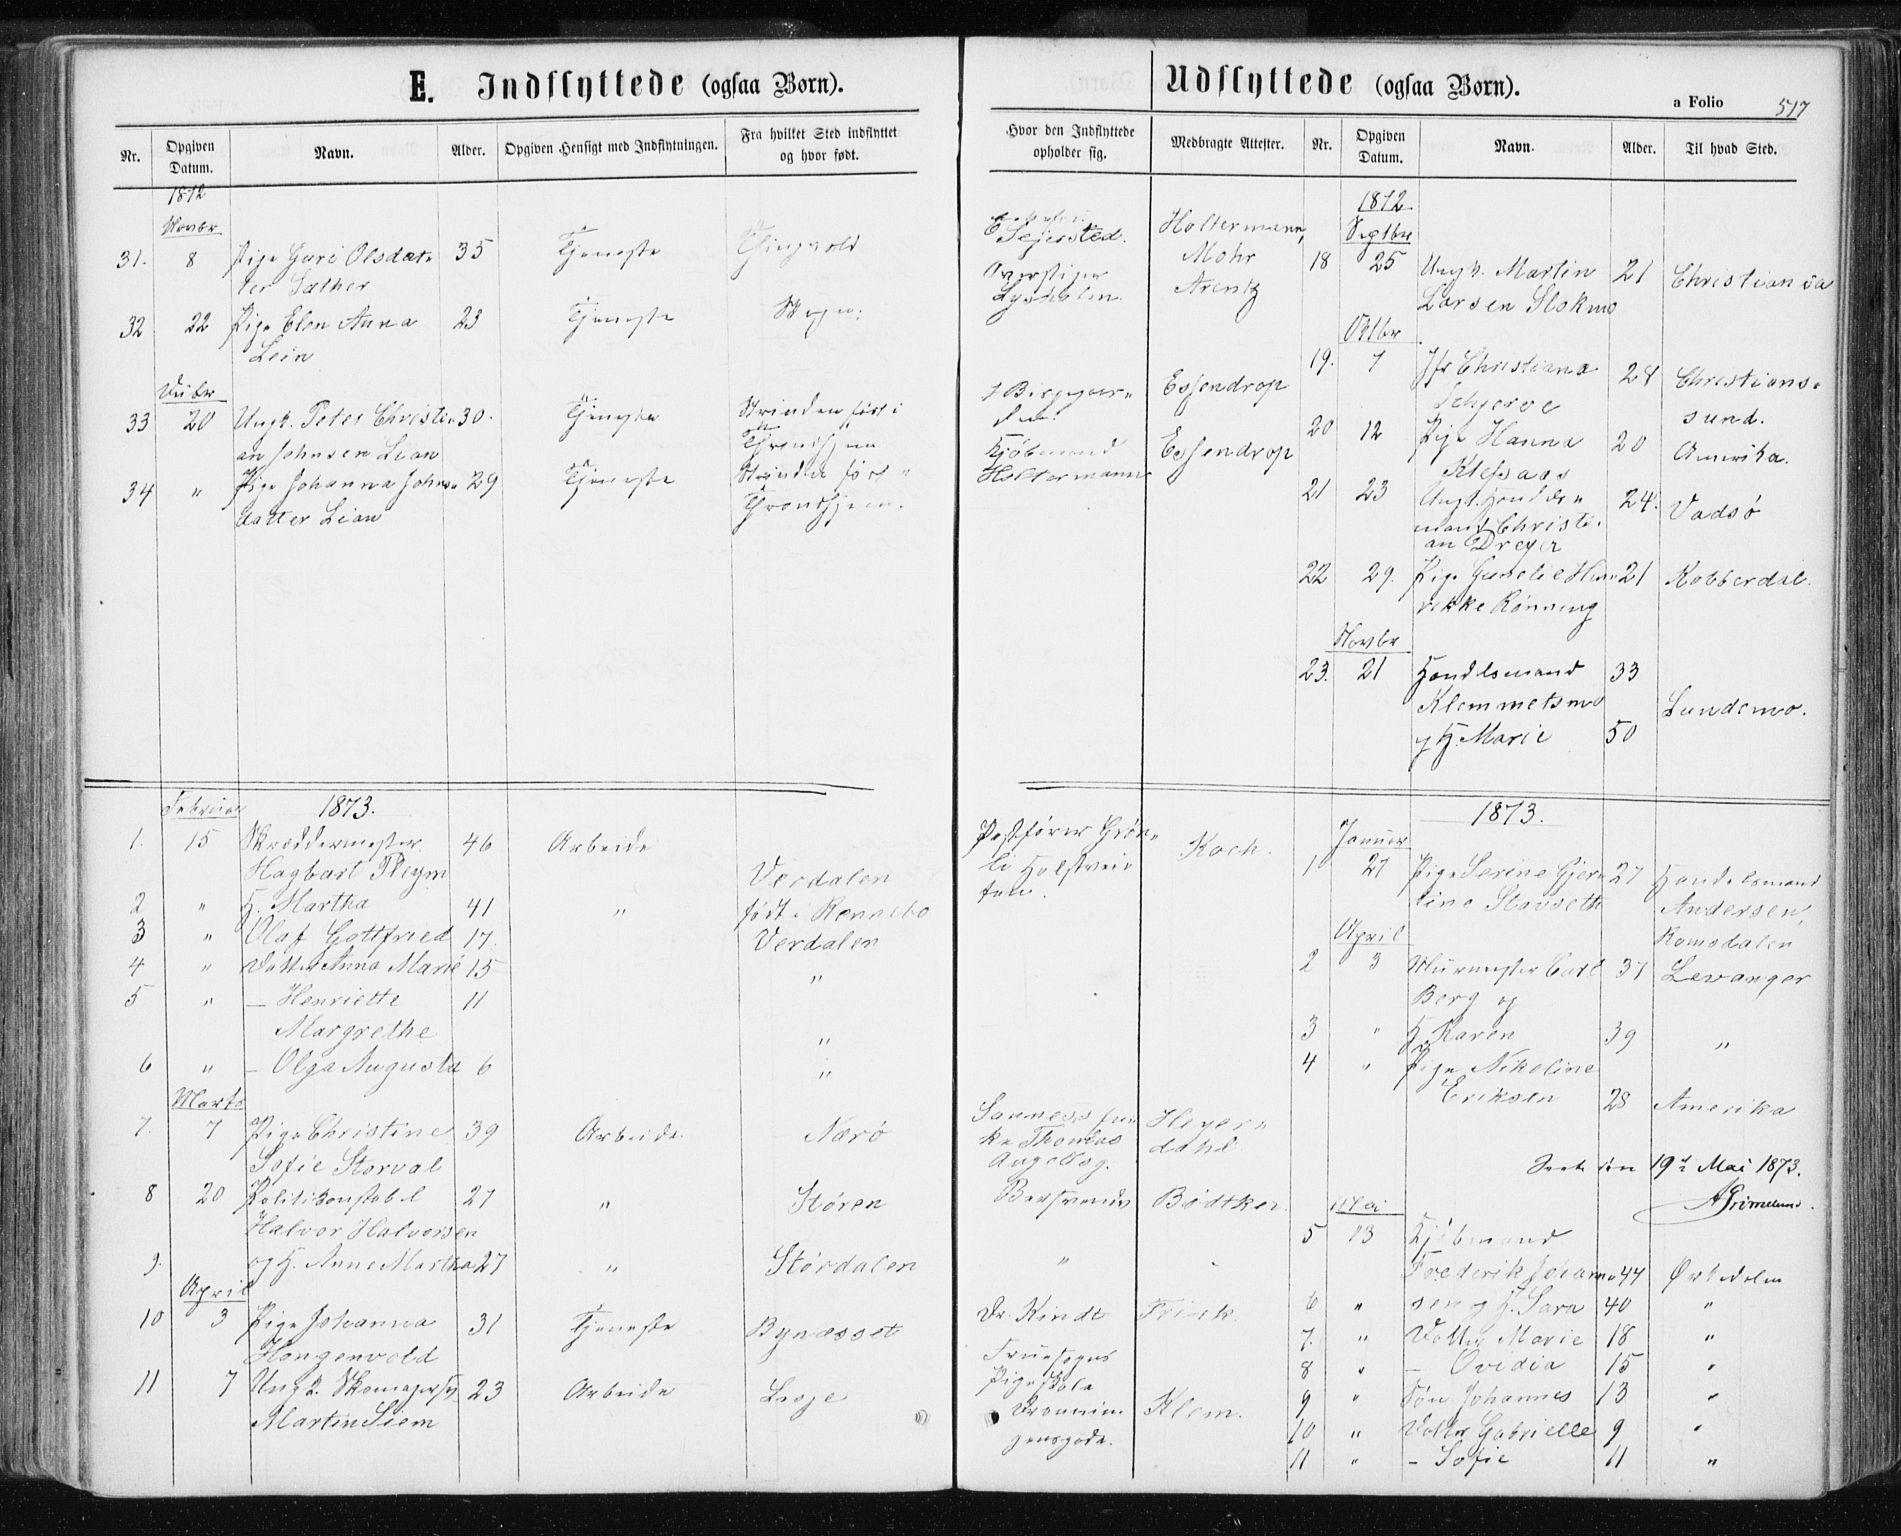 SAT, Ministerialprotokoller, klokkerbøker og fødselsregistre - Sør-Trøndelag, 601/L0055: Ministerialbok nr. 601A23, 1866-1877, s. 517